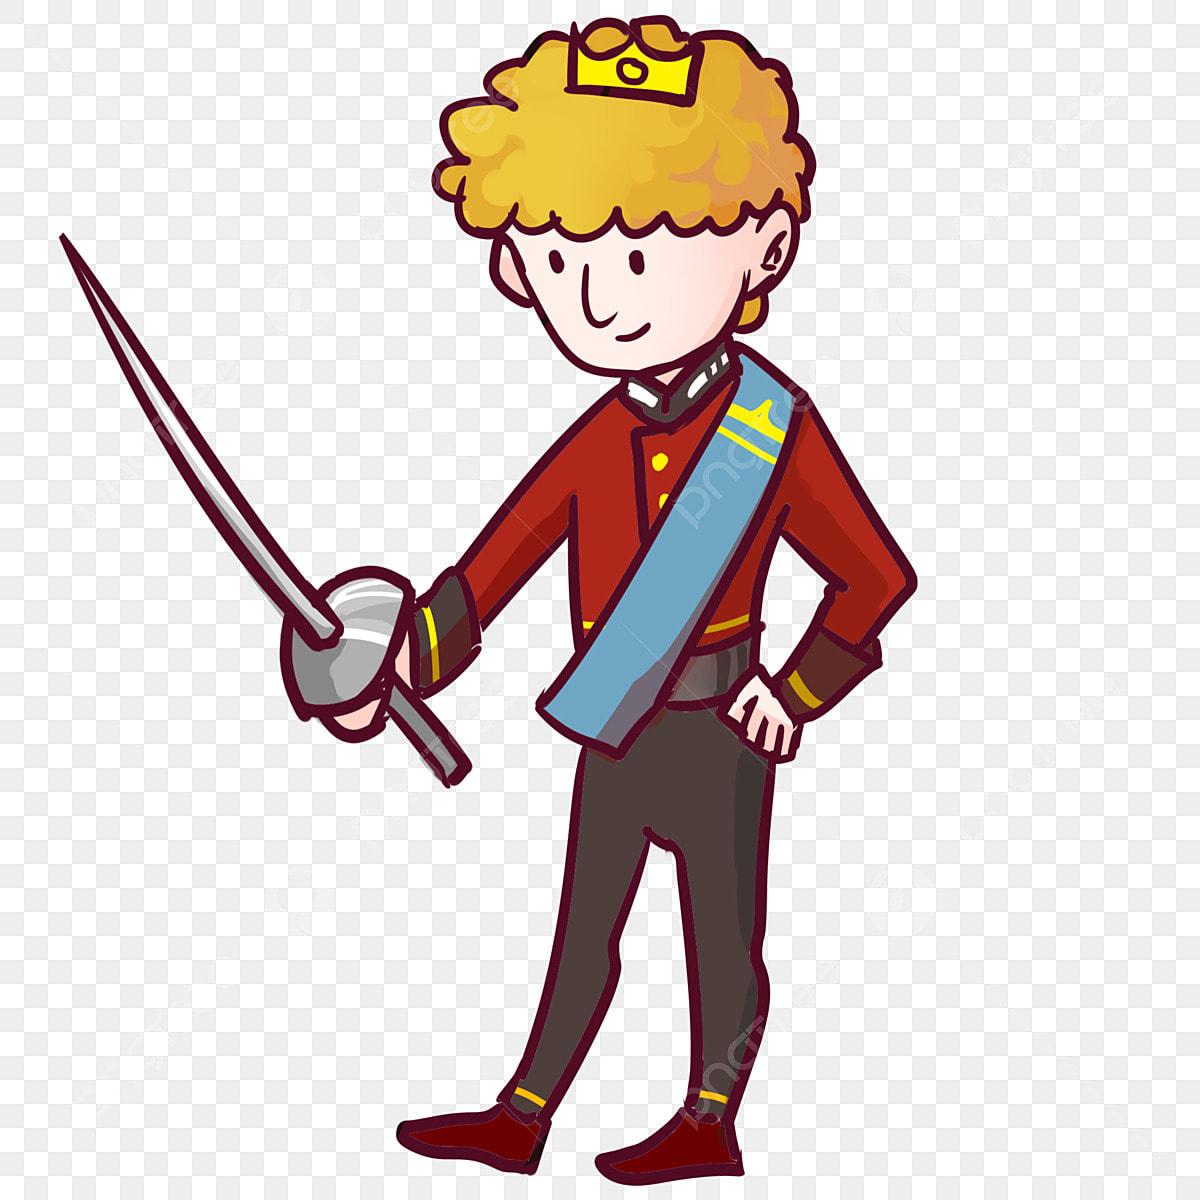 Joli Dessin Le Petit Prince Clipart De Prince Vecteur De Dessin Anime Dessin Anime Fichier Png Et Psd Pour Le Telechargement Libre